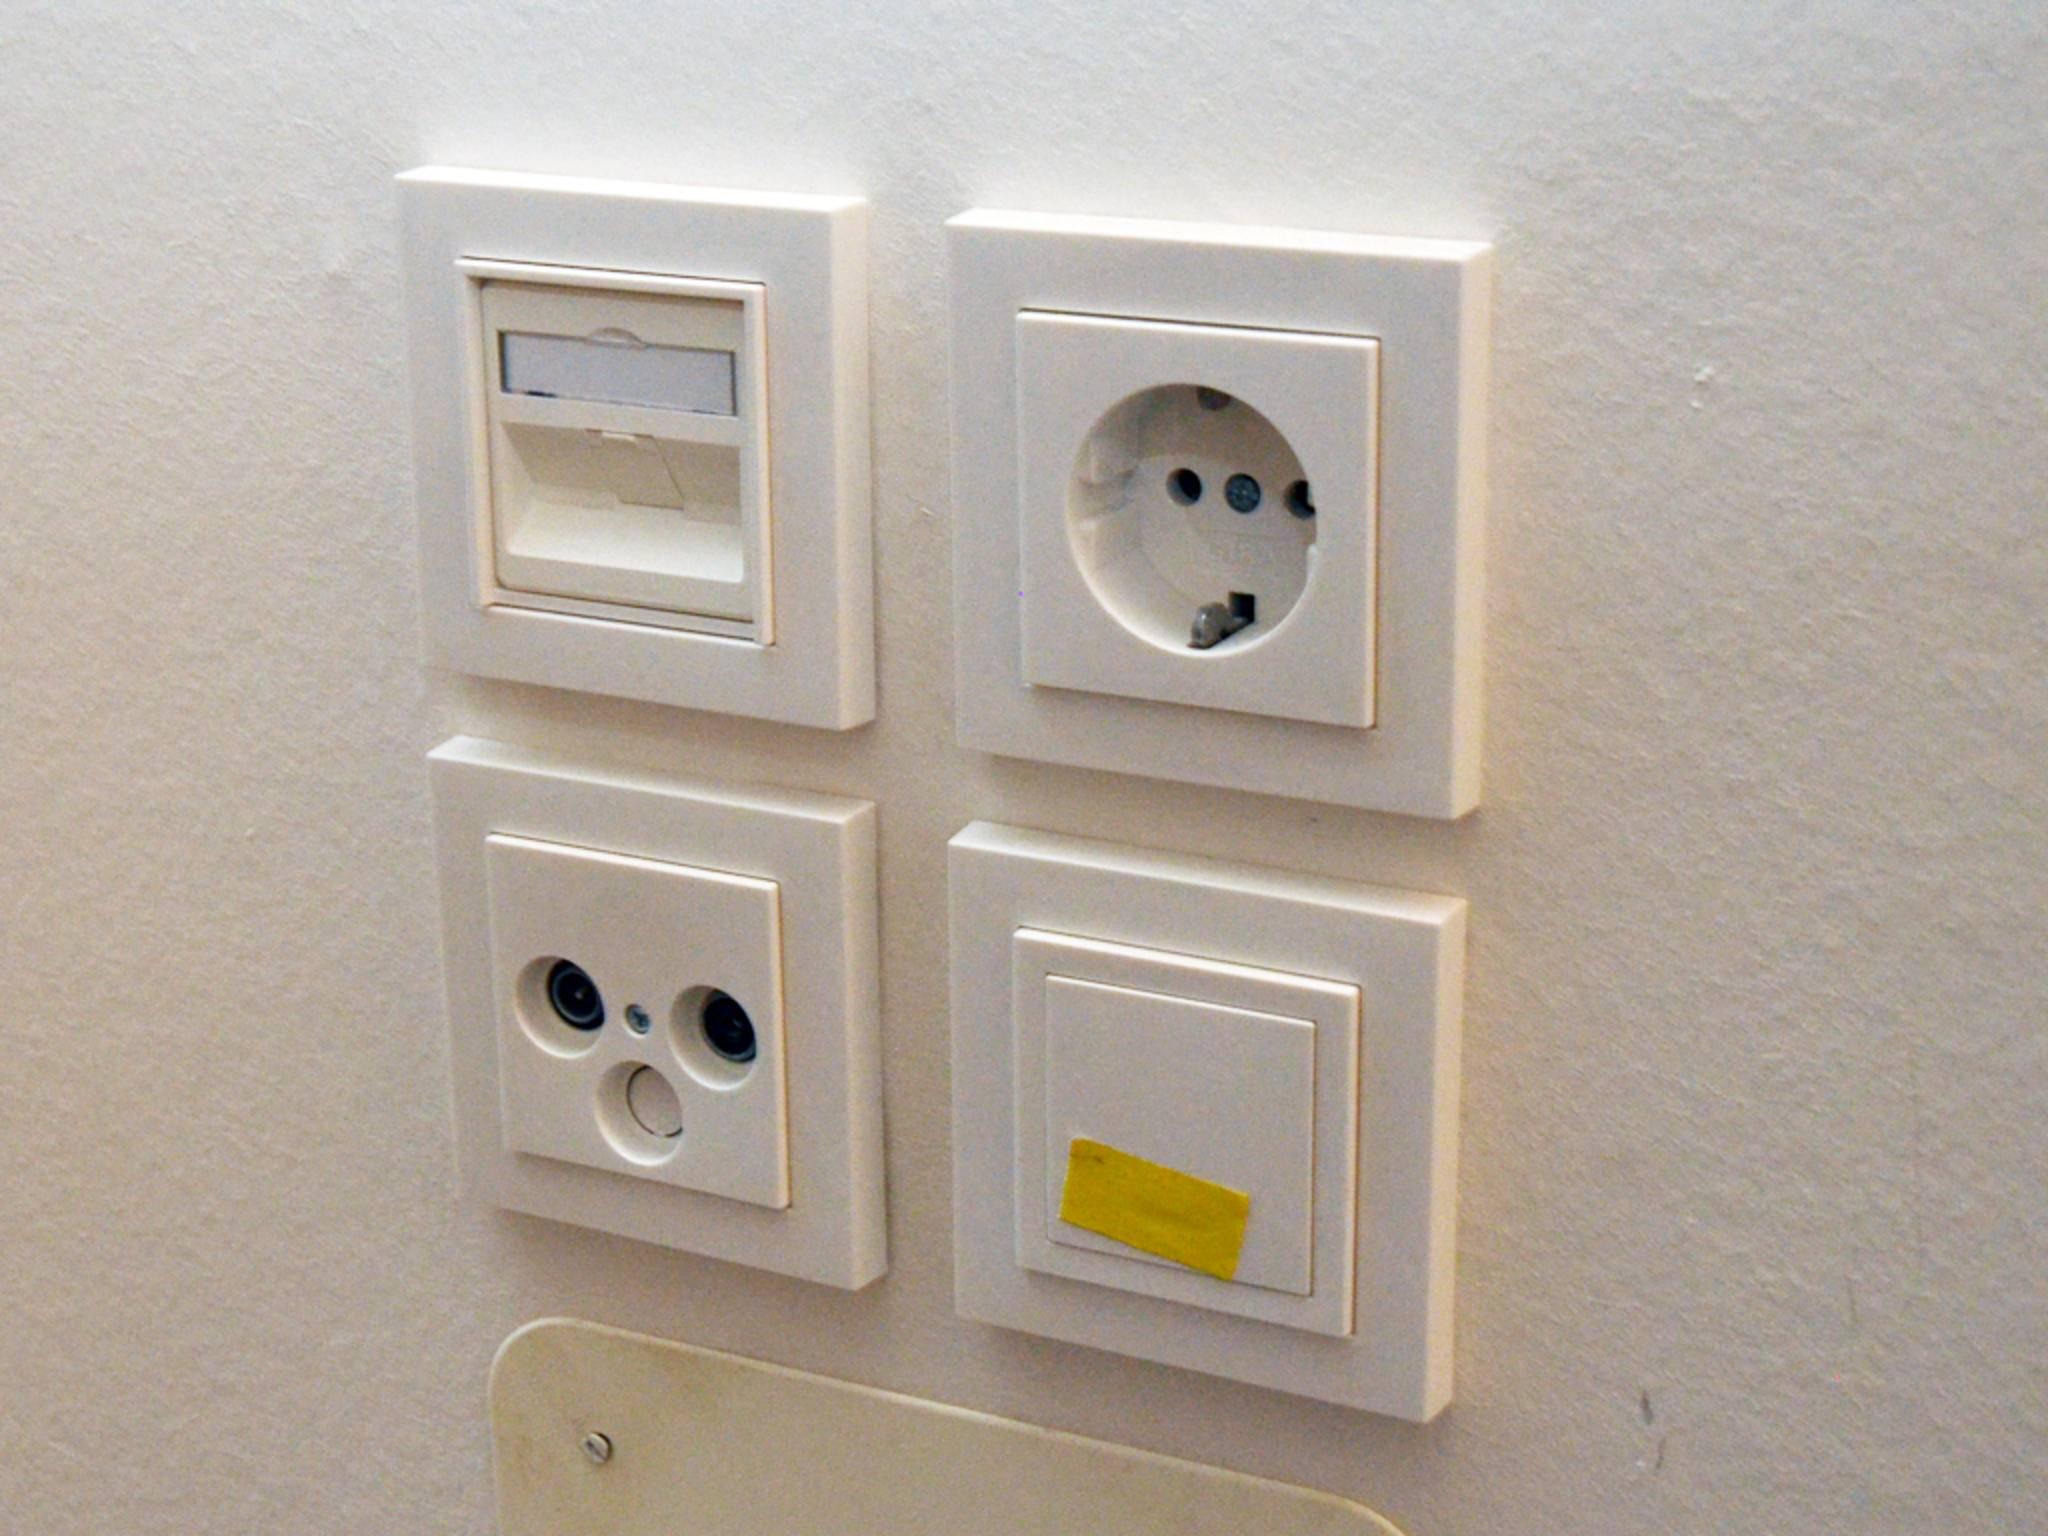 ... außerdem viele Anschlüsse an den richtigen Stellen installiert...